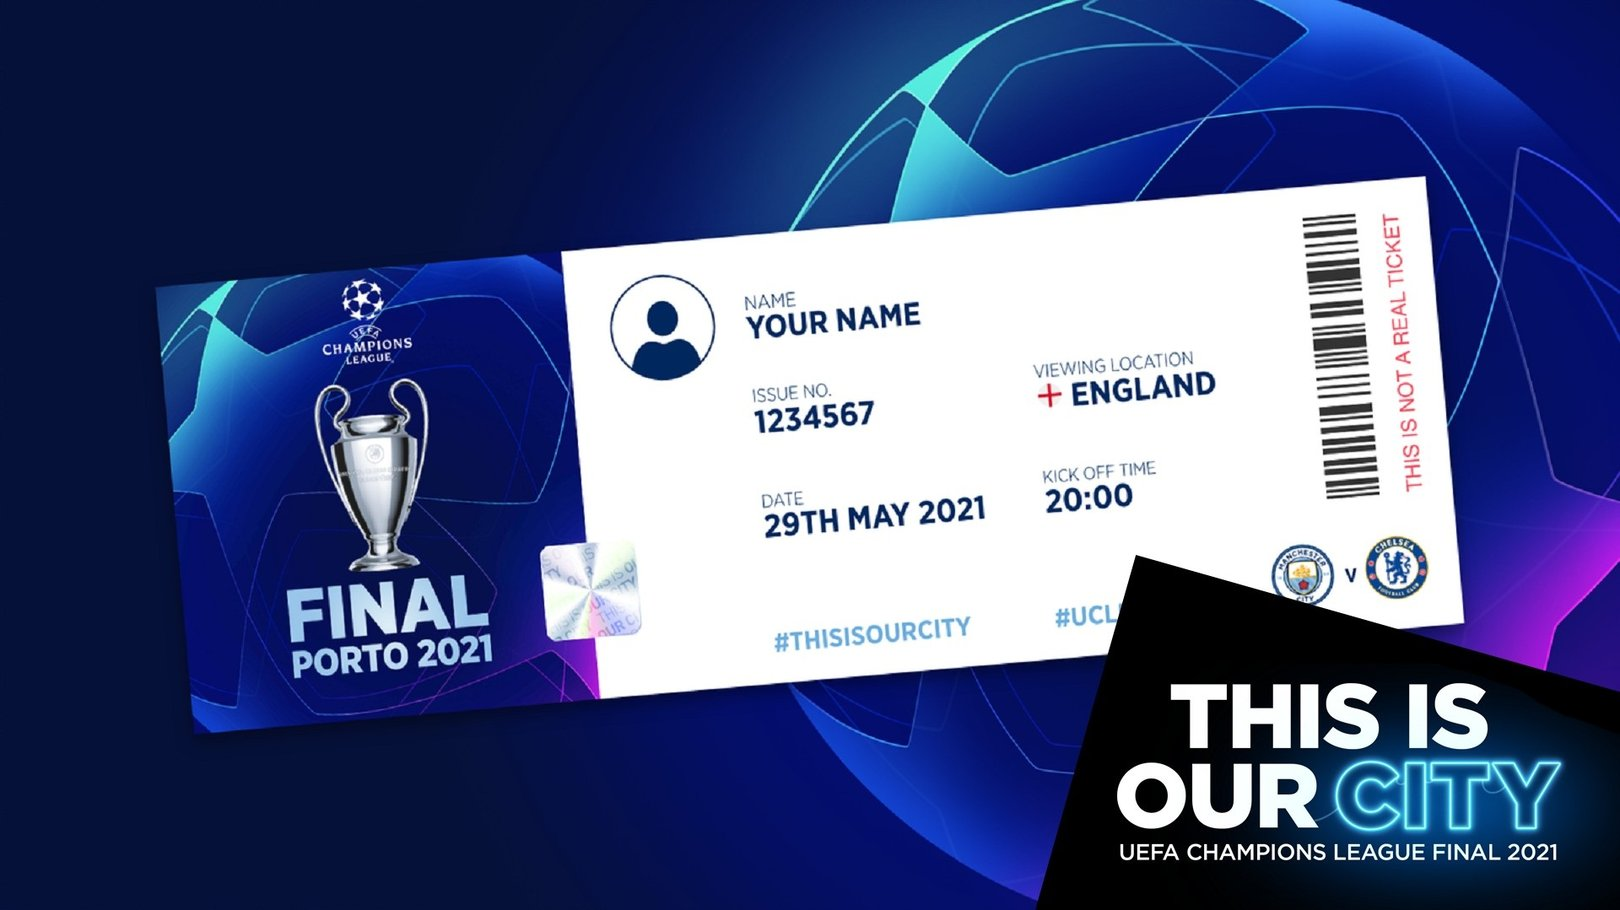 Réclamez votre billet virtuel commémoratif pour la finale de la Ligue des champions !